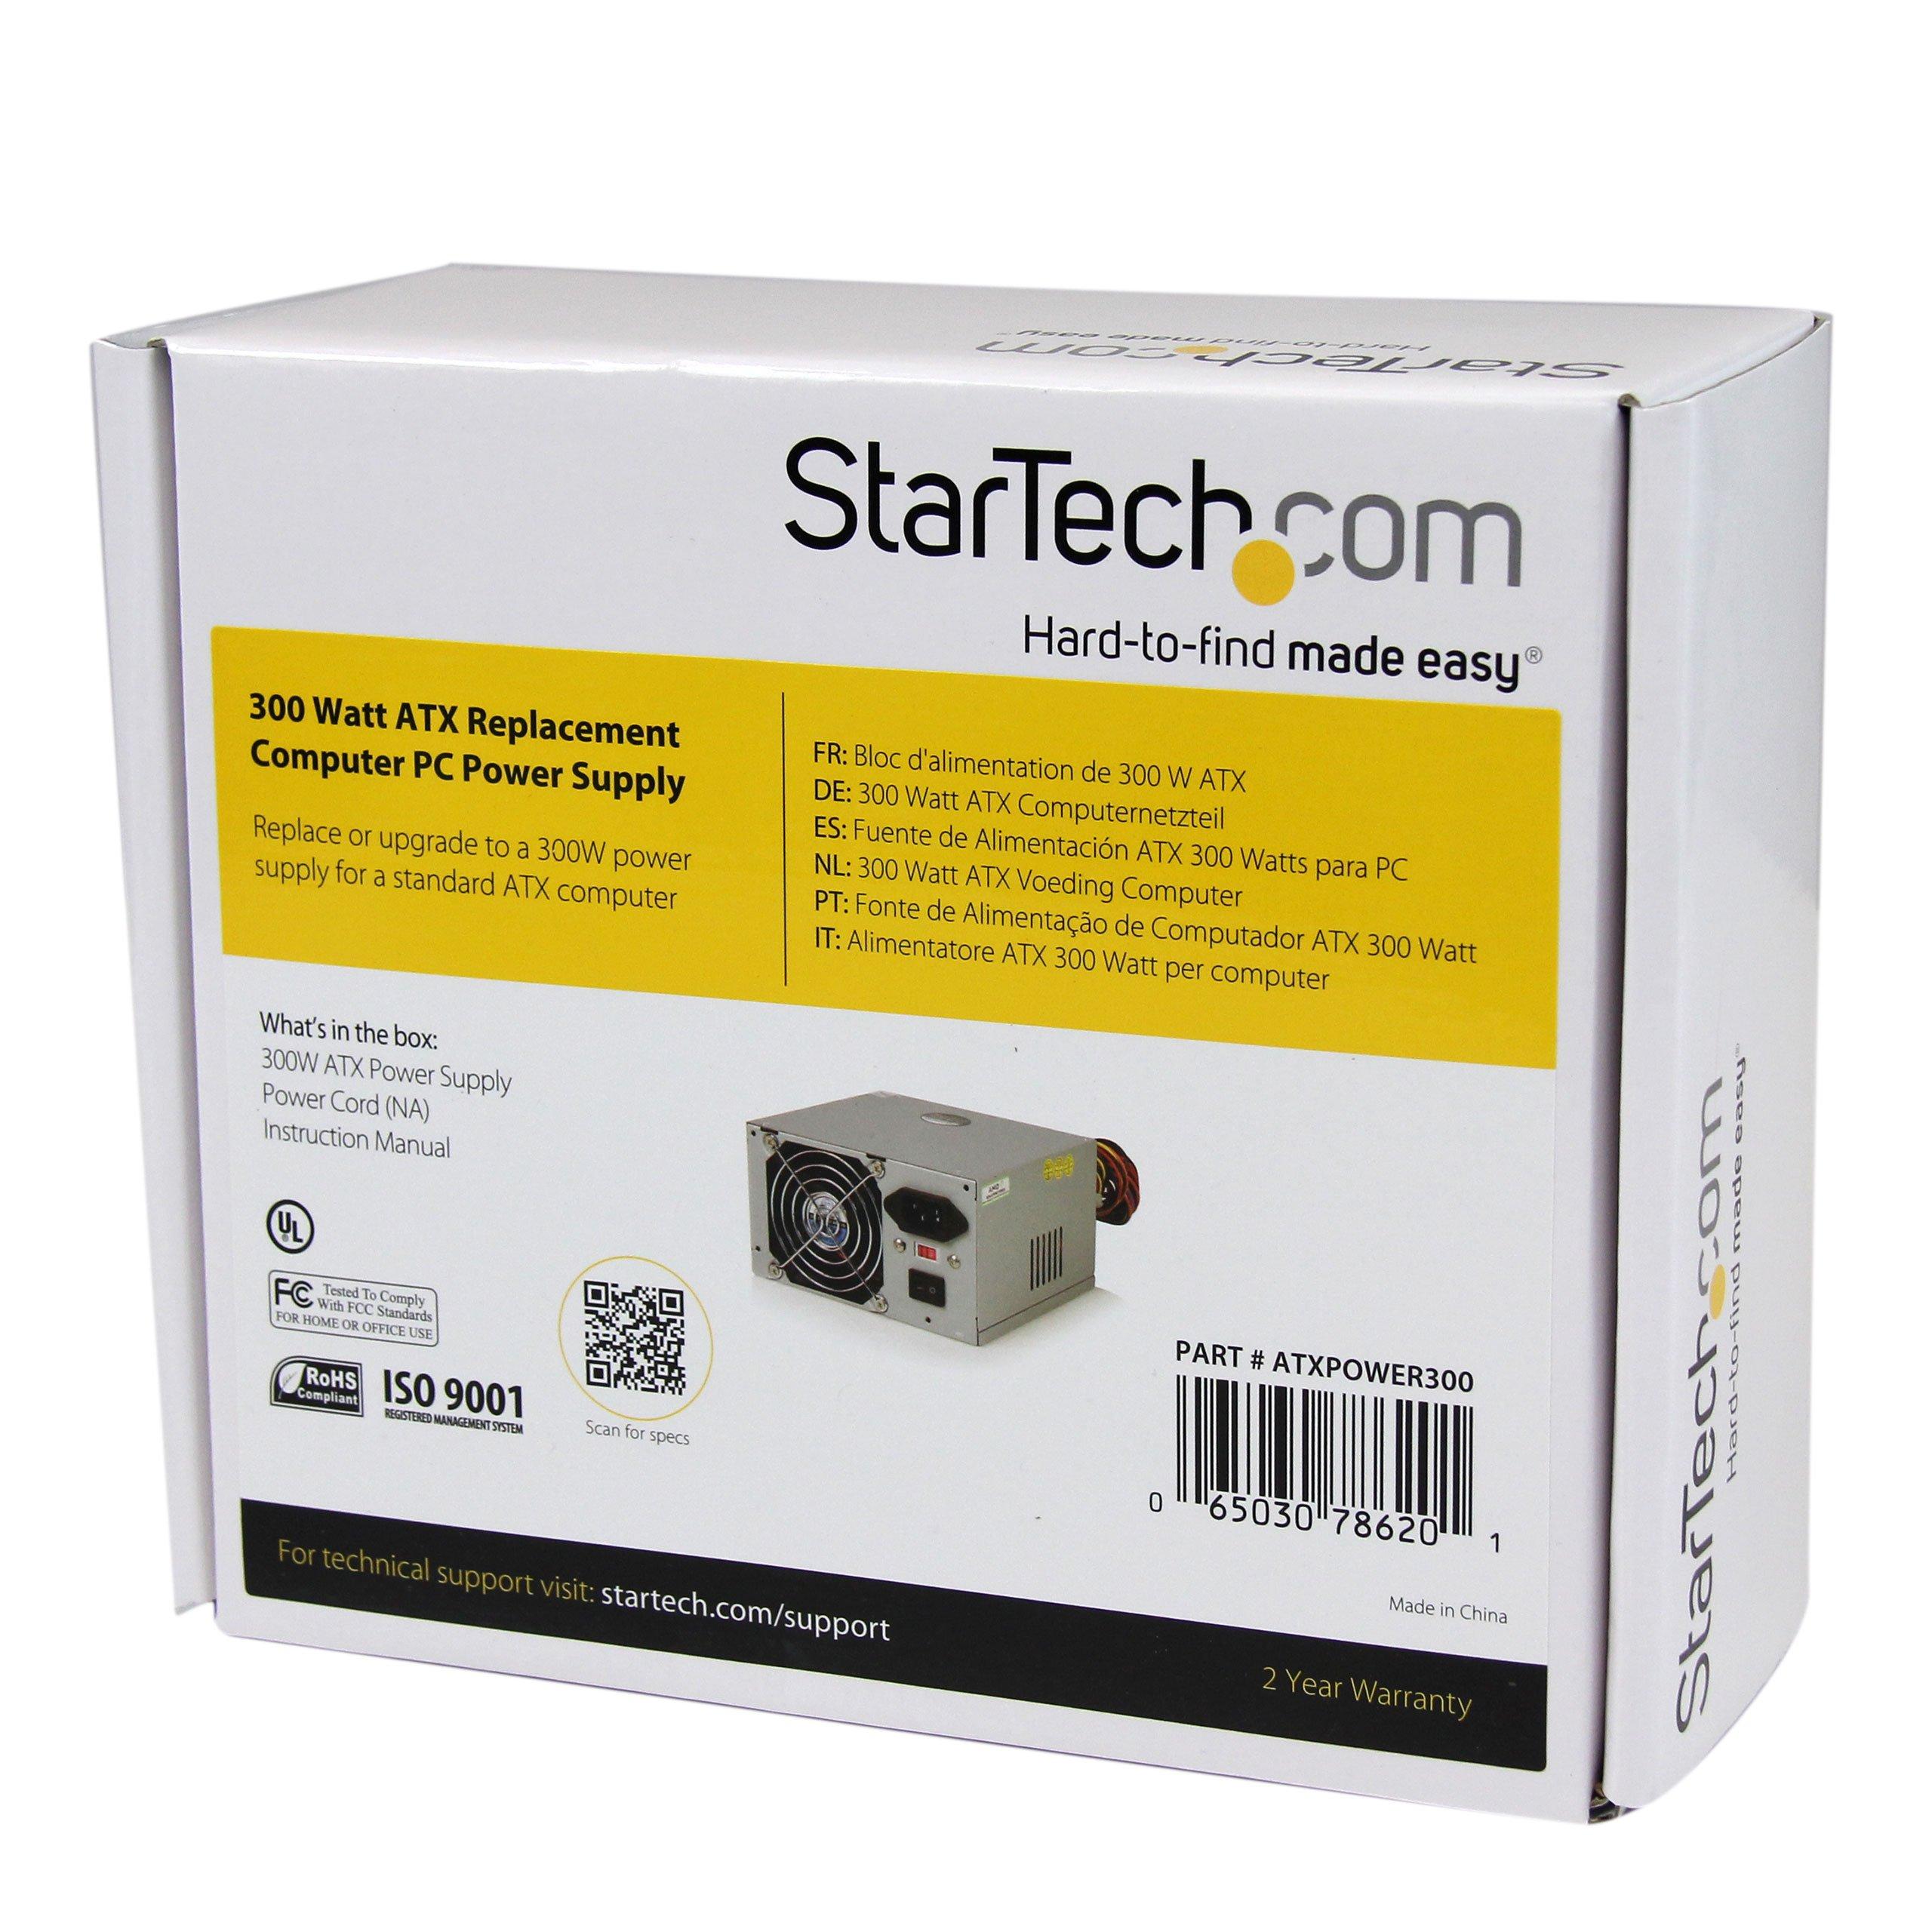 StarTech.com Computer Power supply ( internal ) - ATX - AC 115/230 V - 300 Watt - 9 output connector(s) (ATXPOWER300) by StarTech